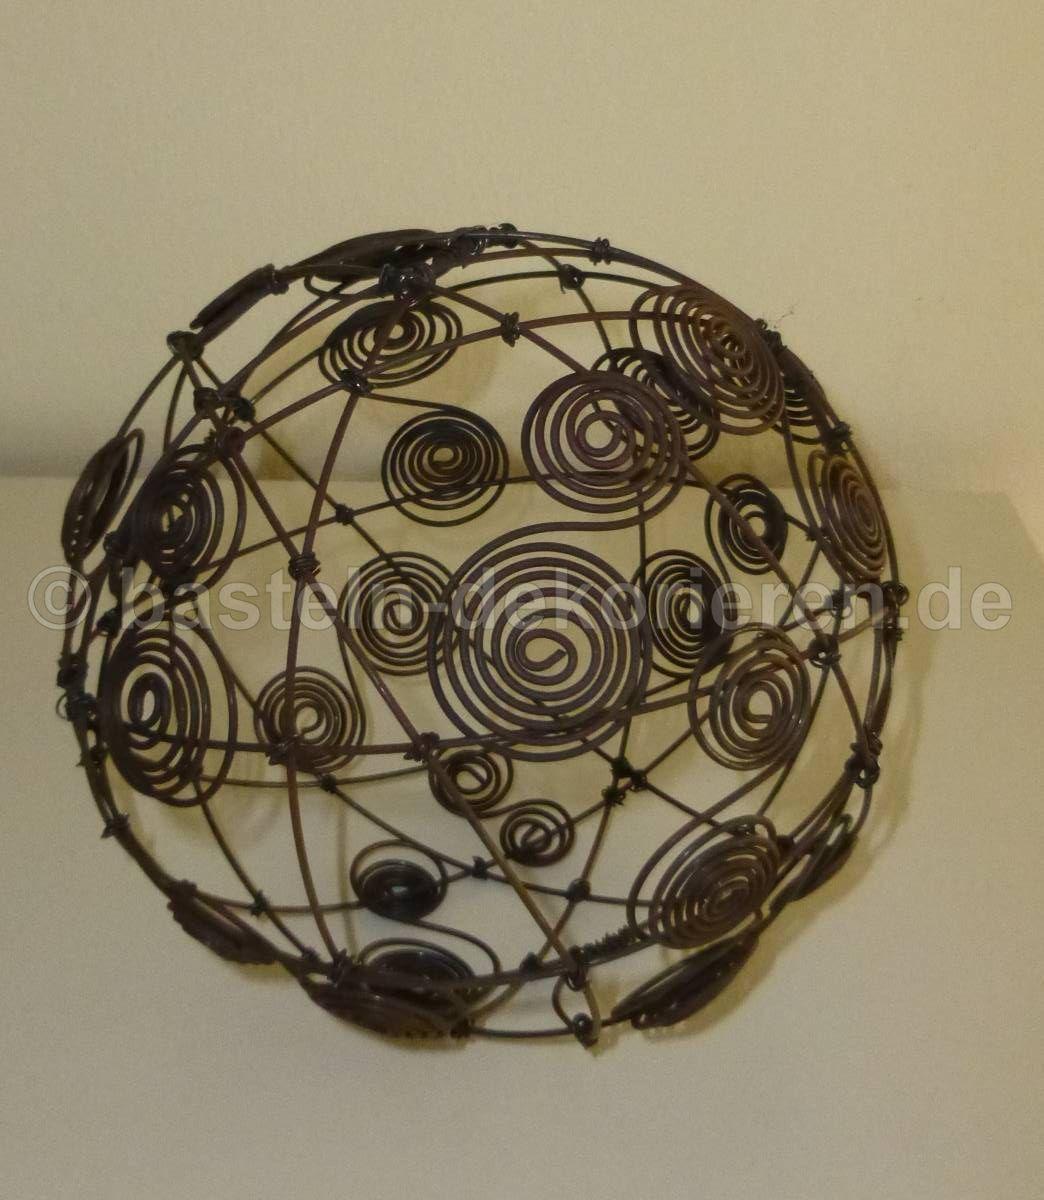 Drahtkugel mit Spiralen aus Draht dekoriert als Innendeko. | draht ...